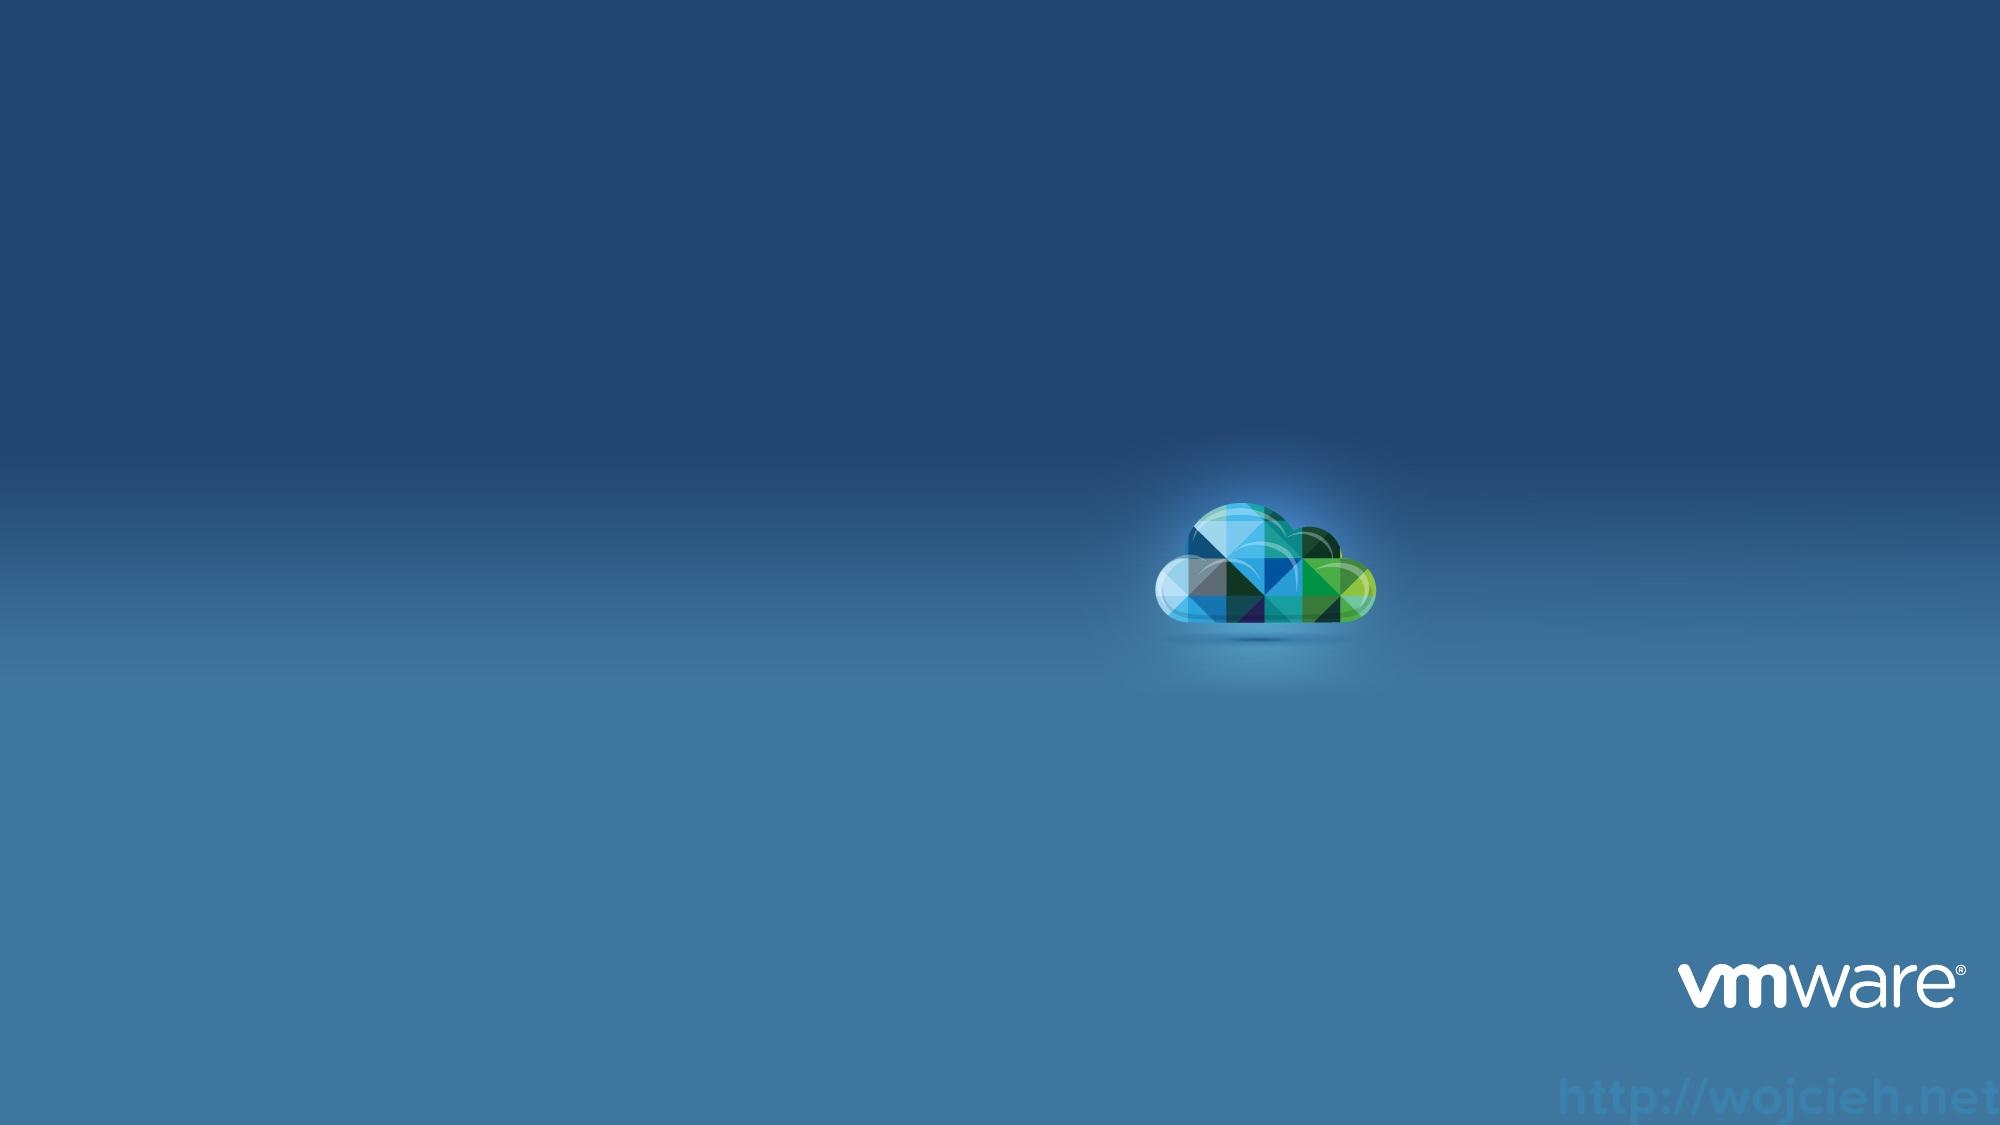 VMware Wallpaper - 2